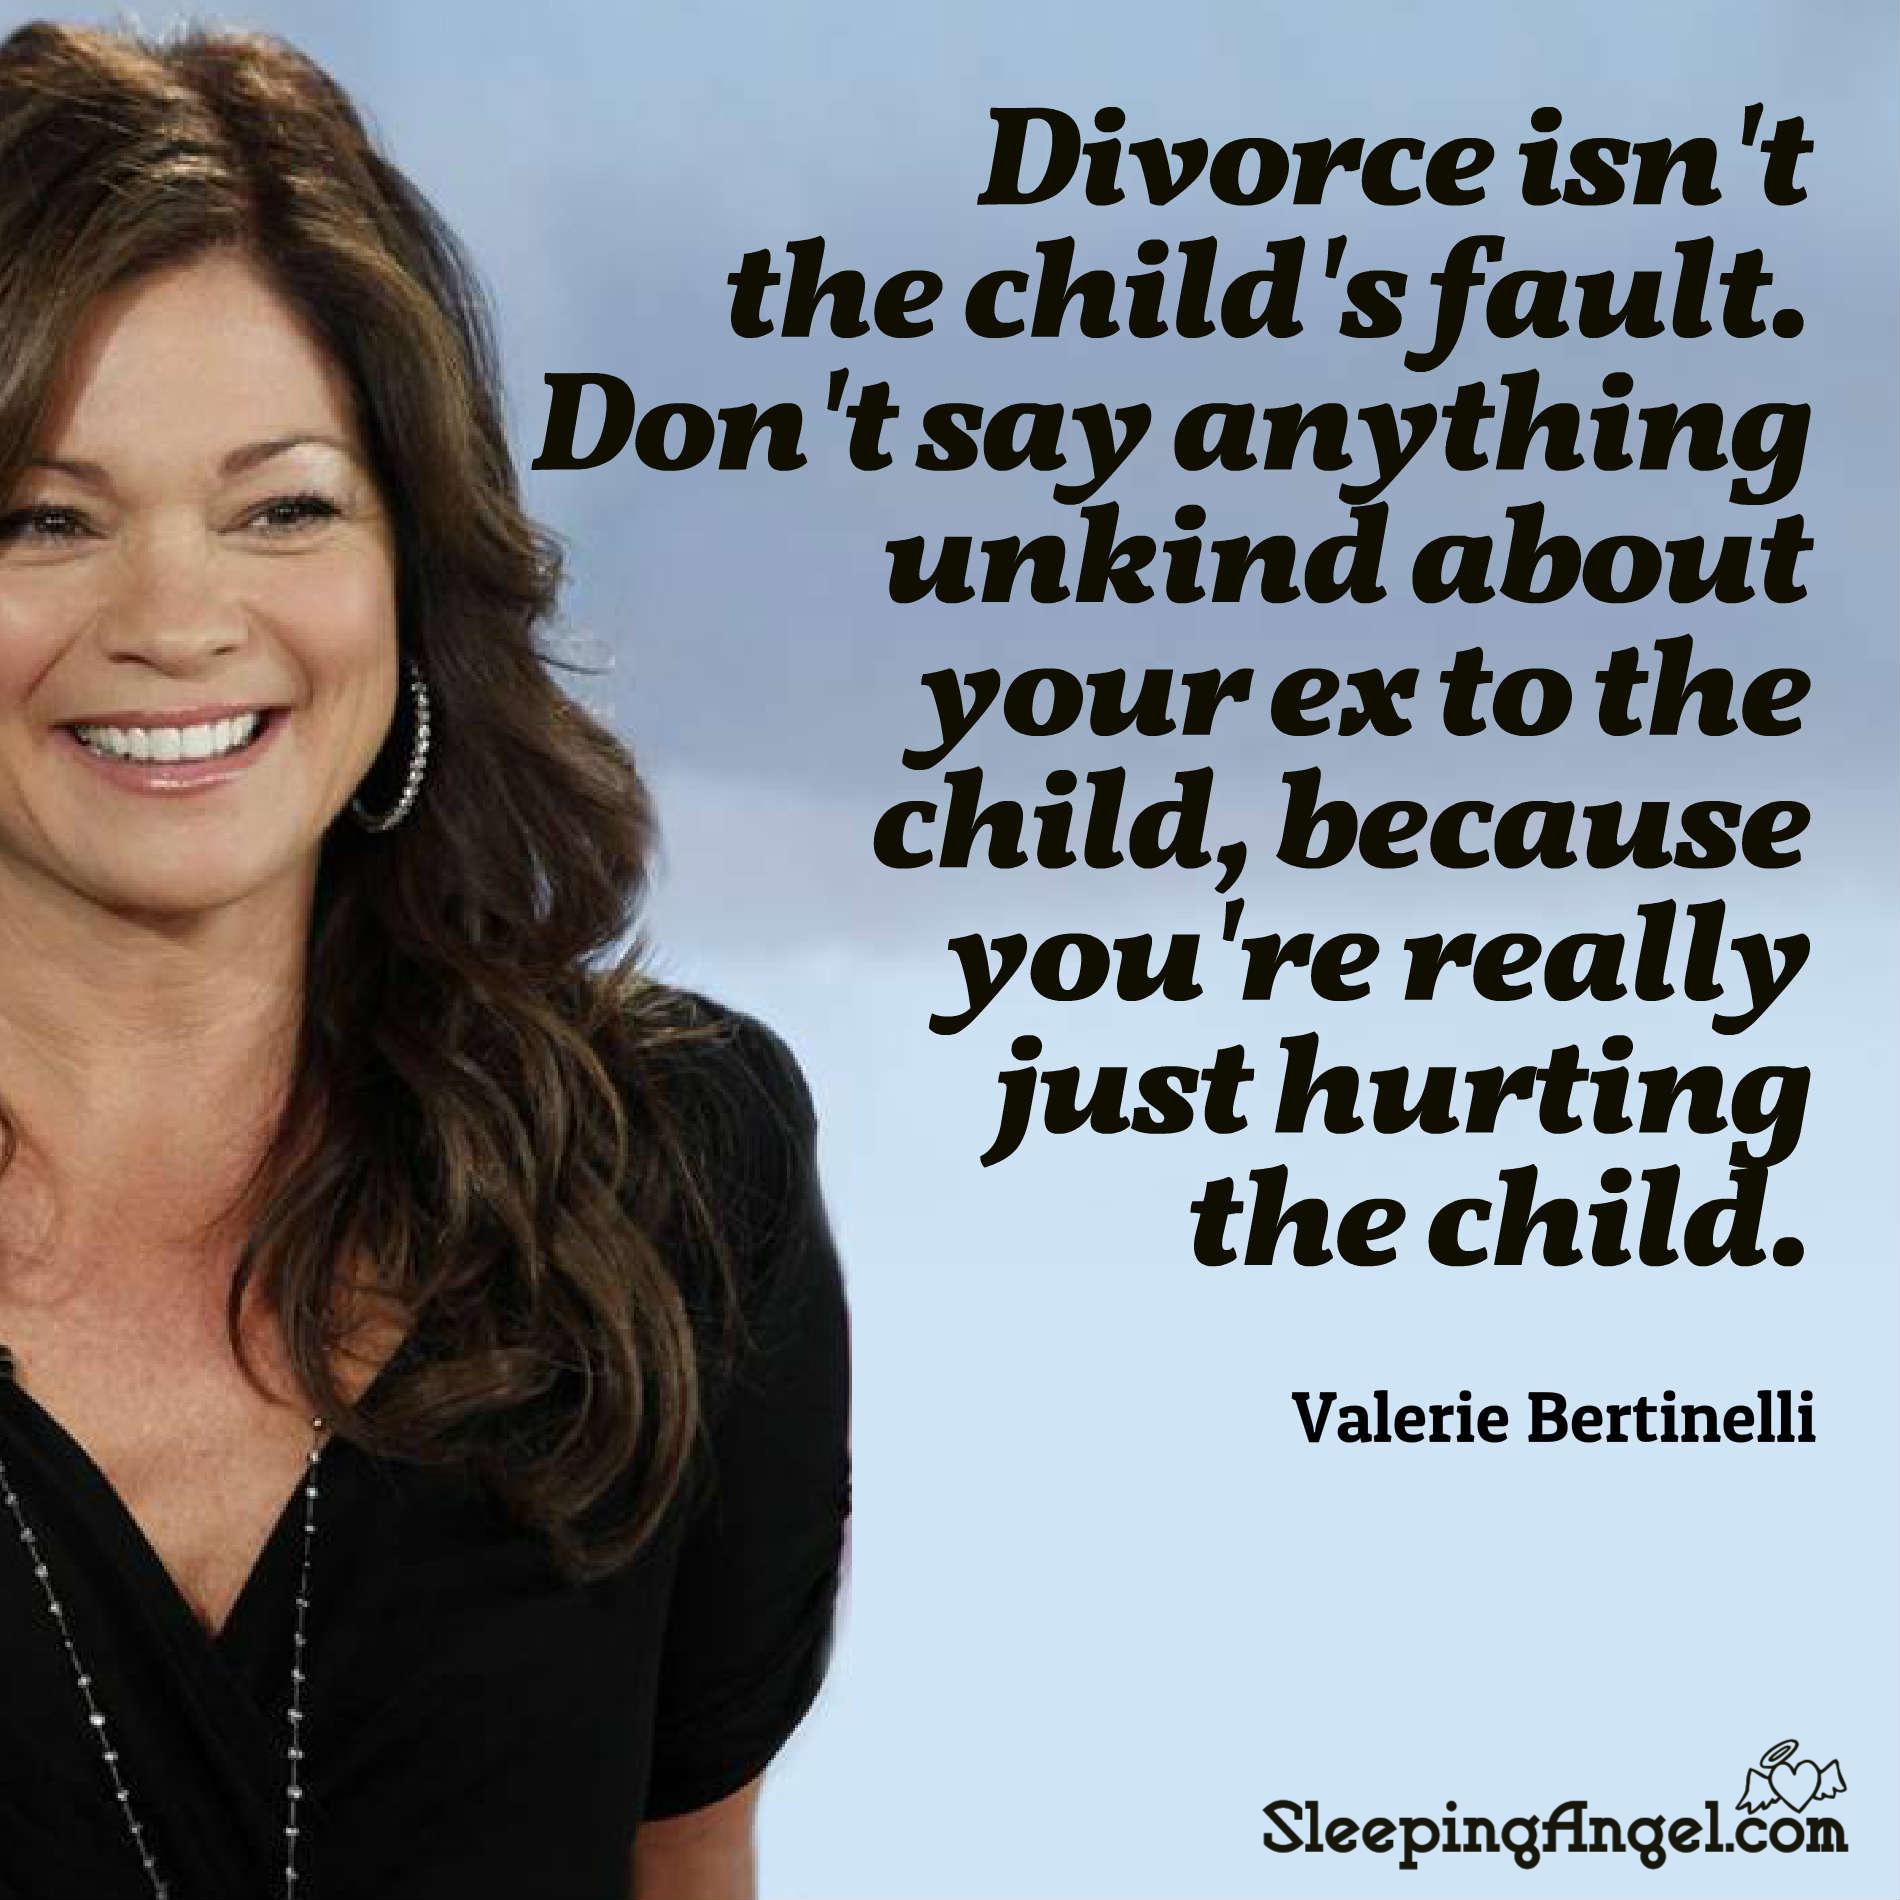 Valerie Bertinelli Quote